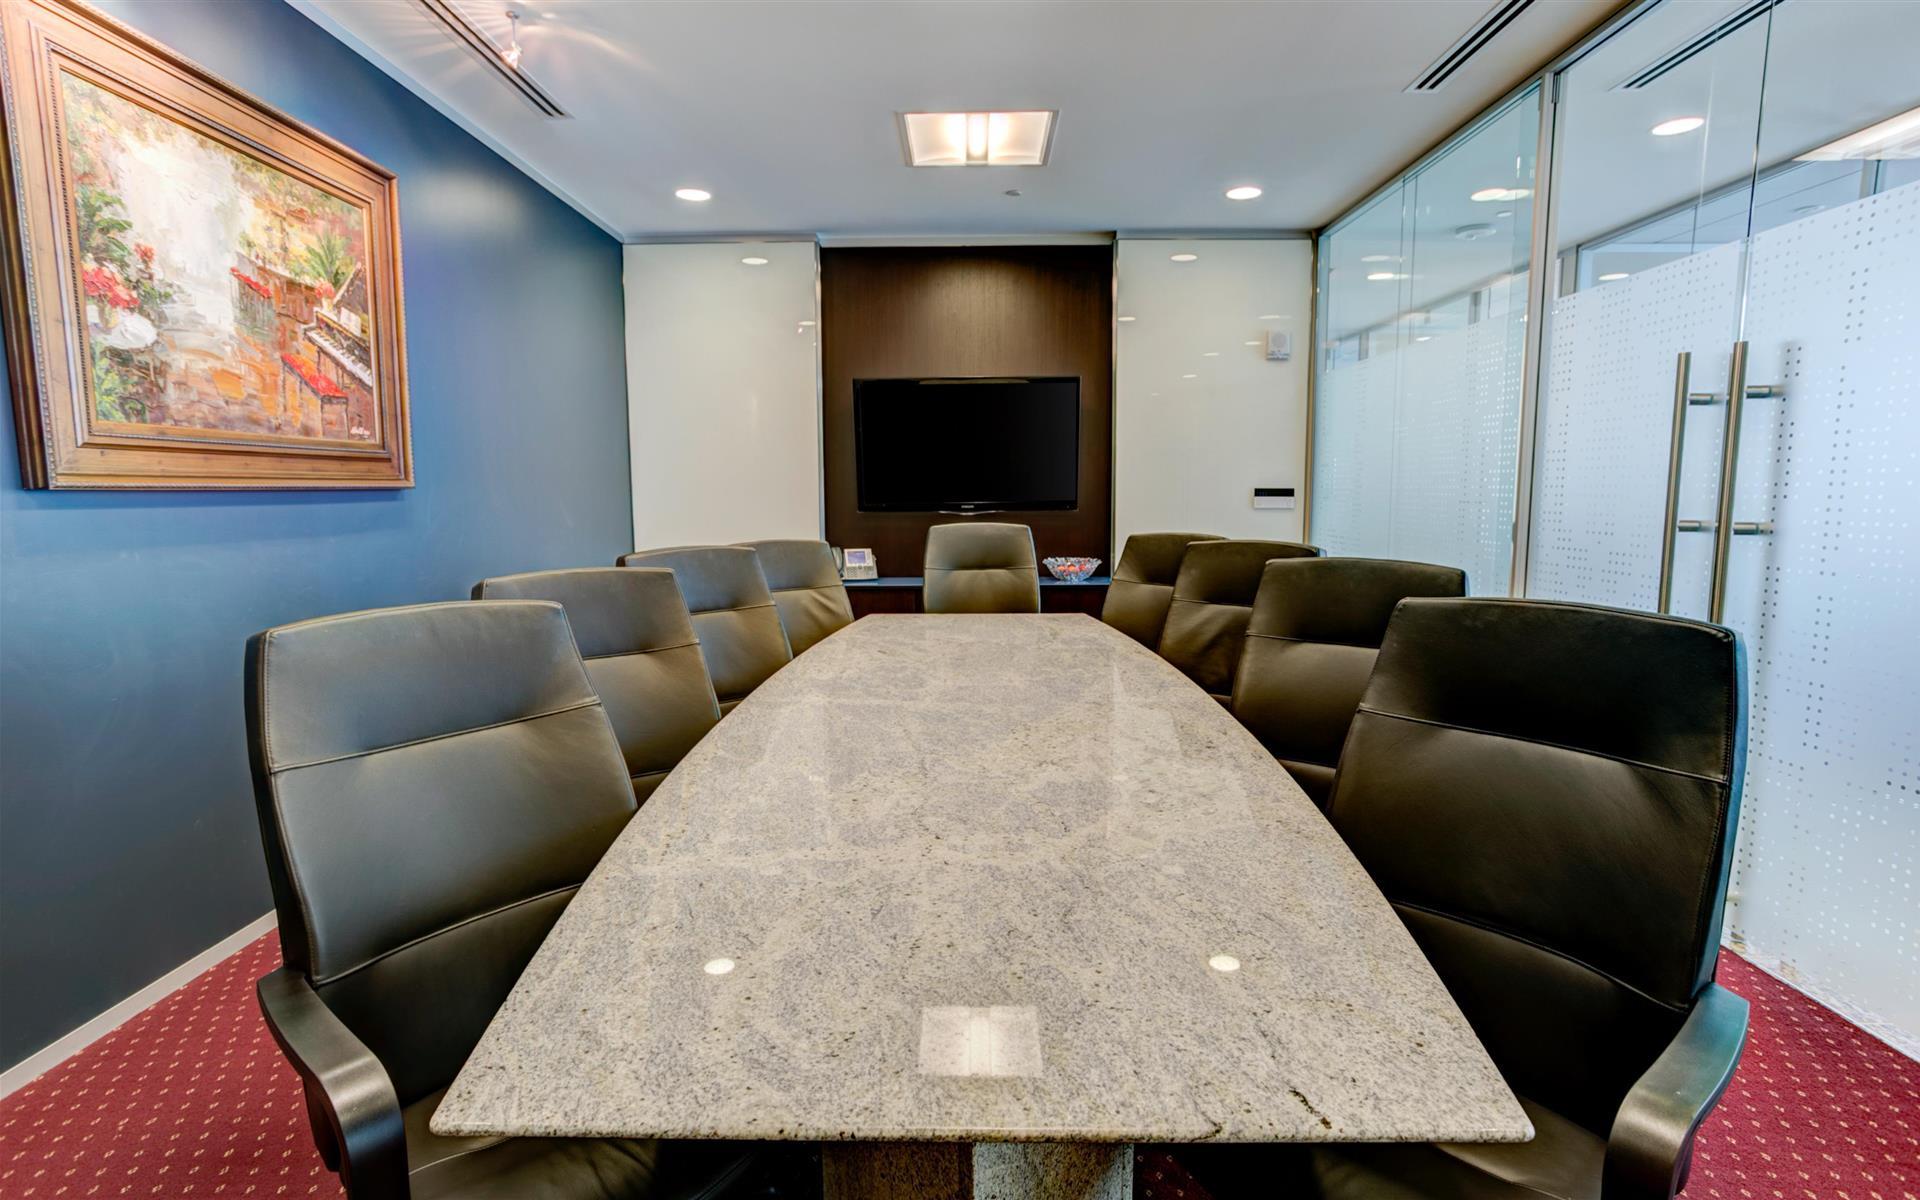 Servcorp - Atlanta 12th & Midtown - Executive Boardroom 10 people